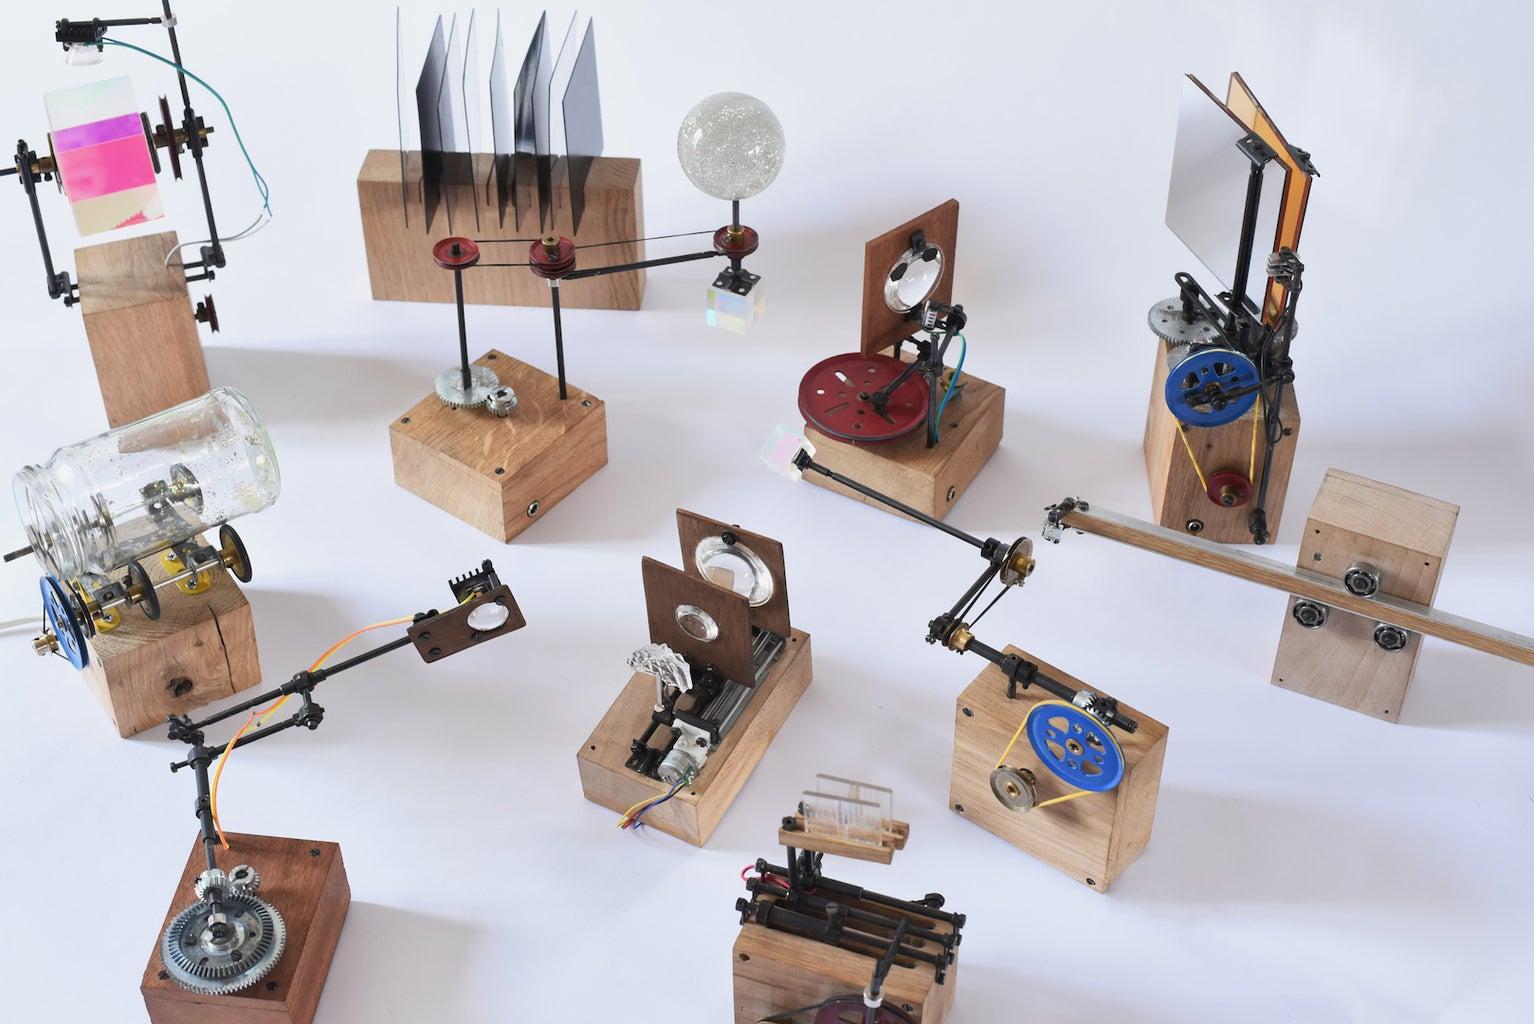 The Light-sculptures